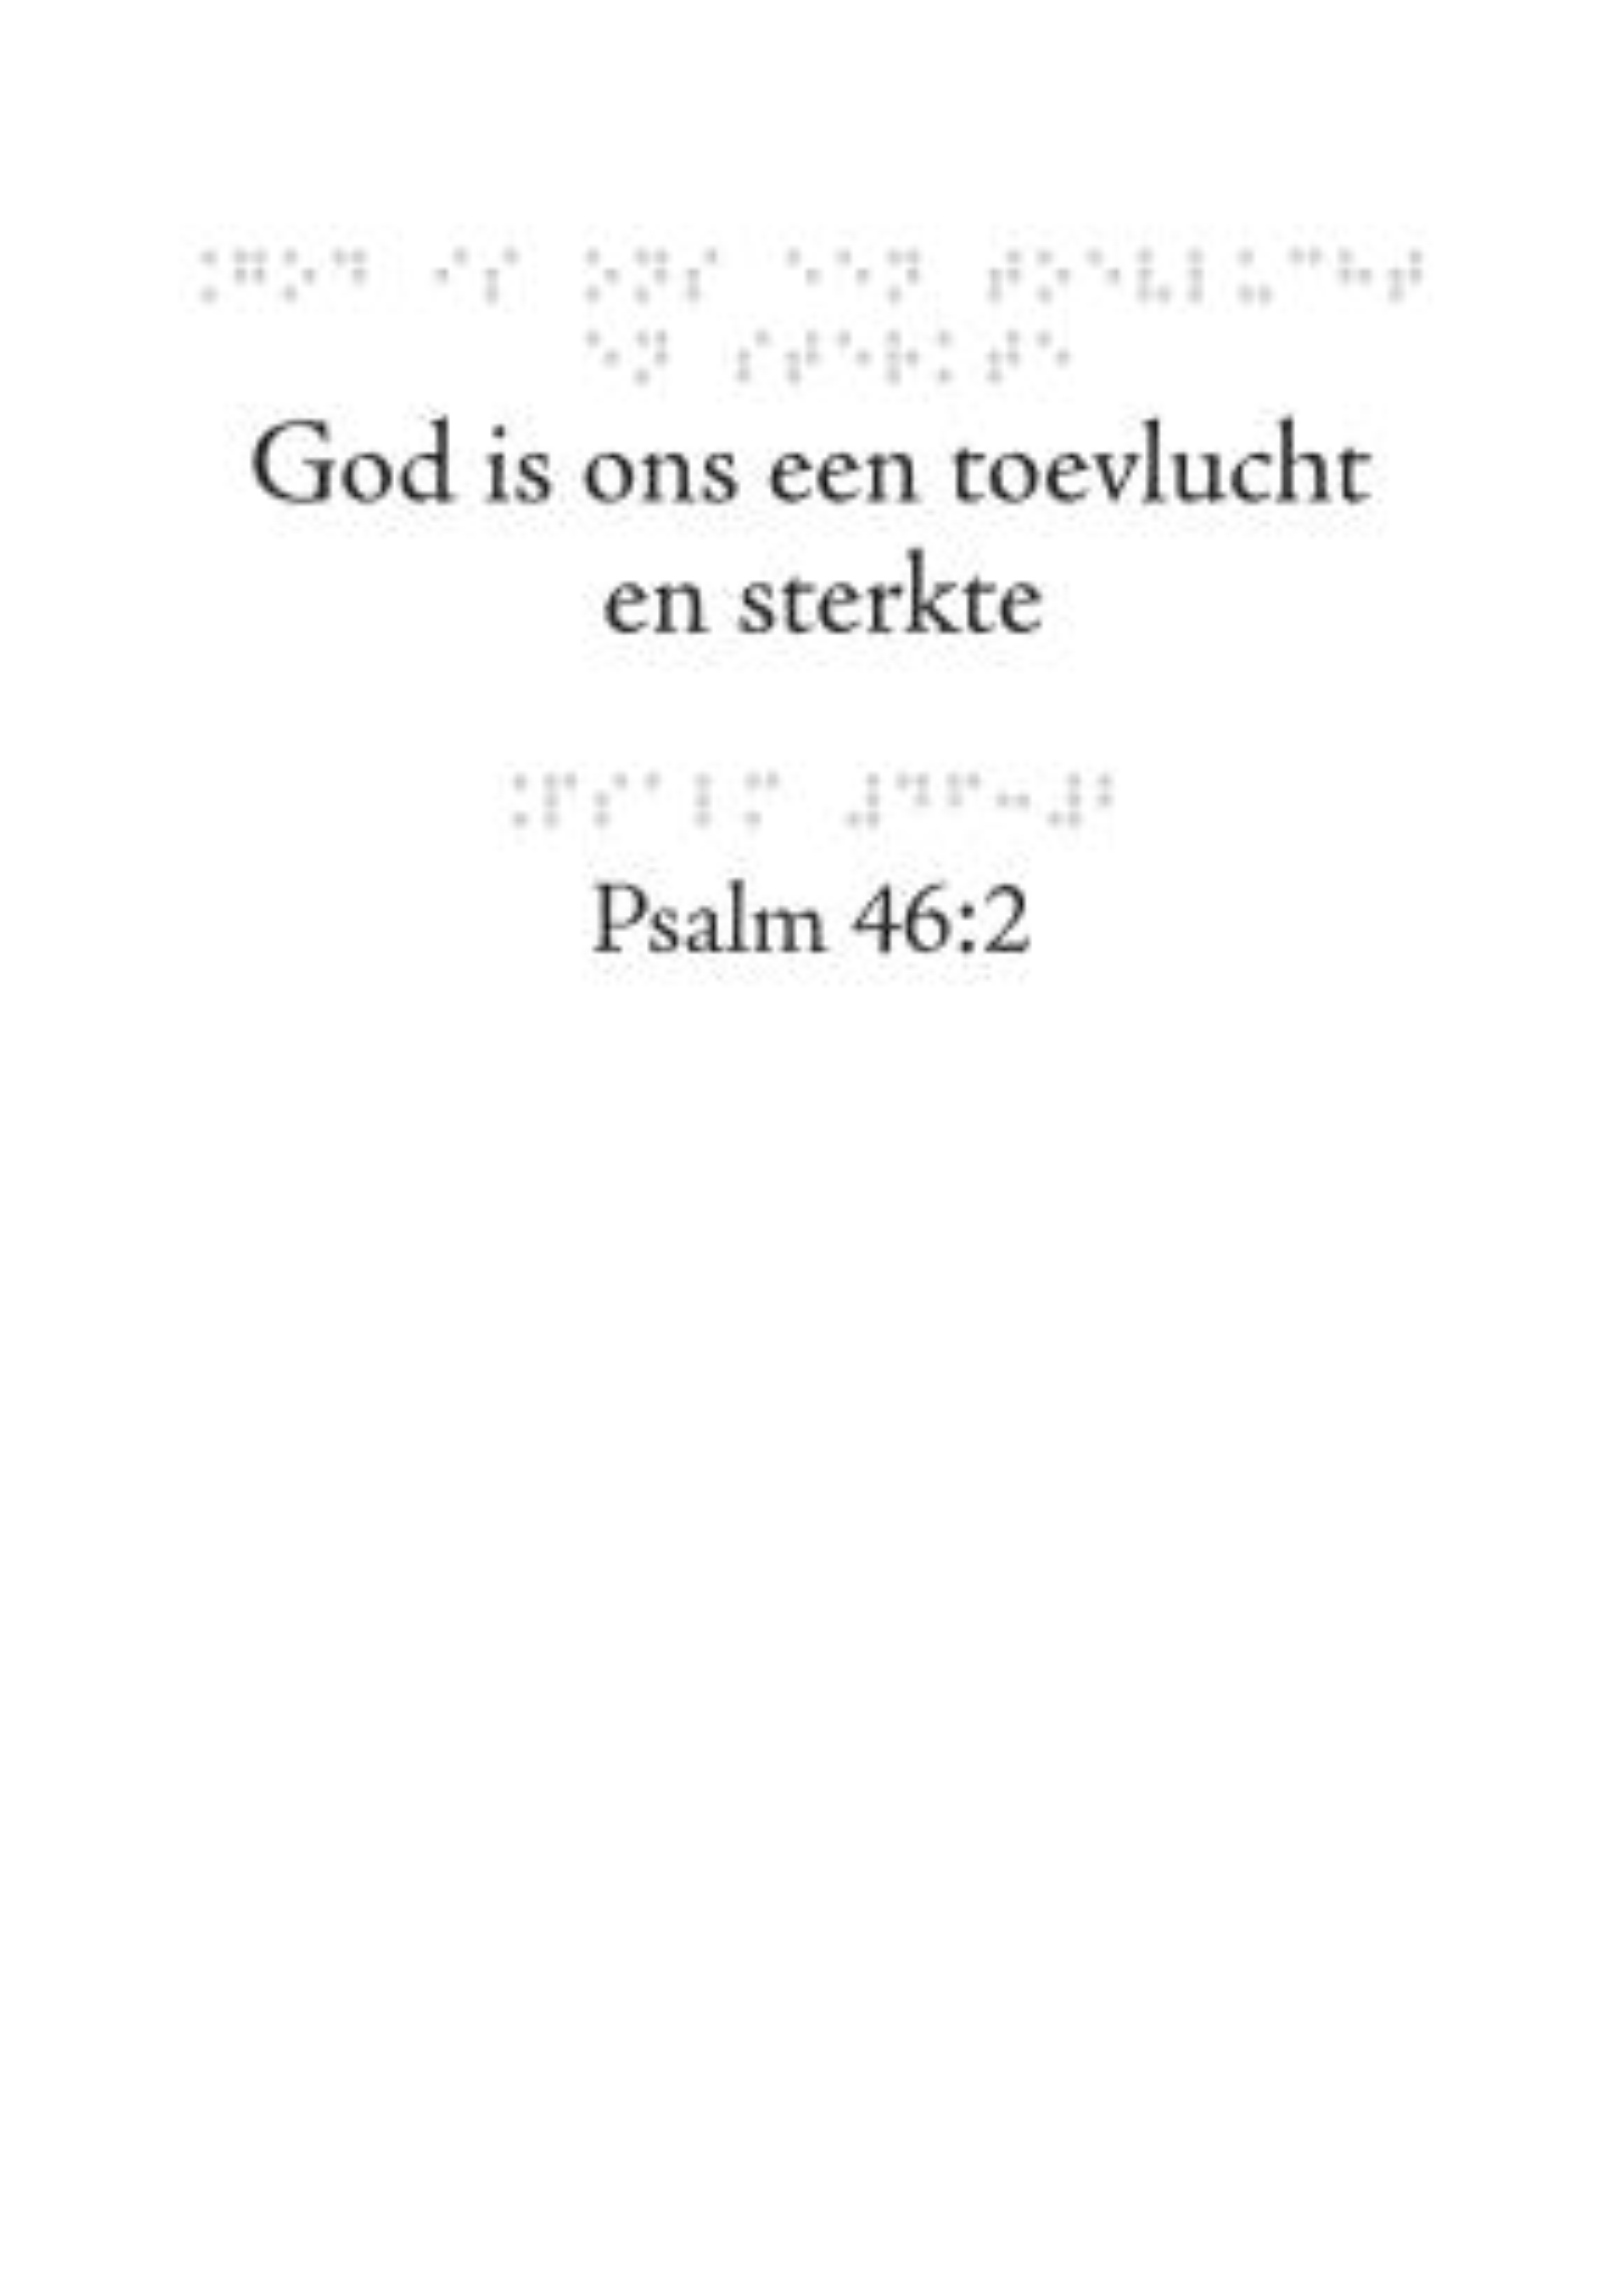 Wenskaart met braille. In braille de tekst: God is ons een toevlucht en sterkte. Psalm 46:2.